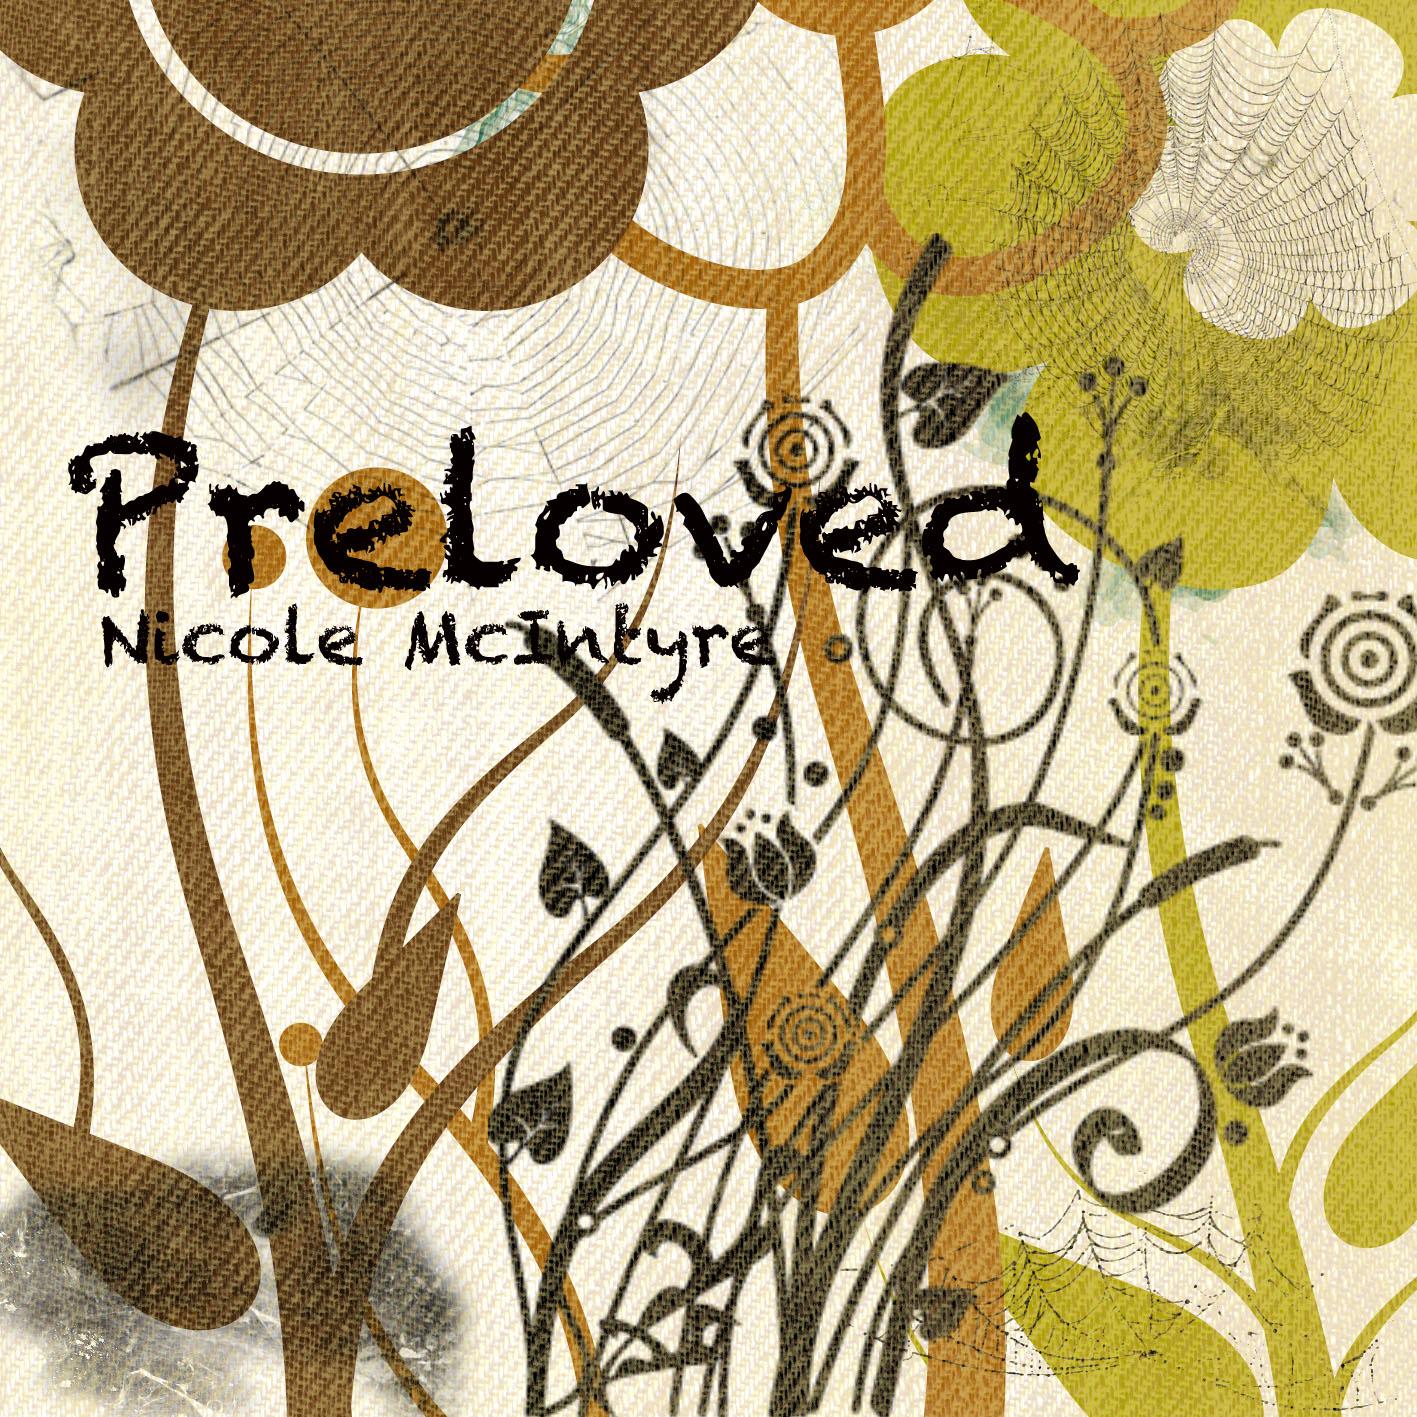 PreLoved album